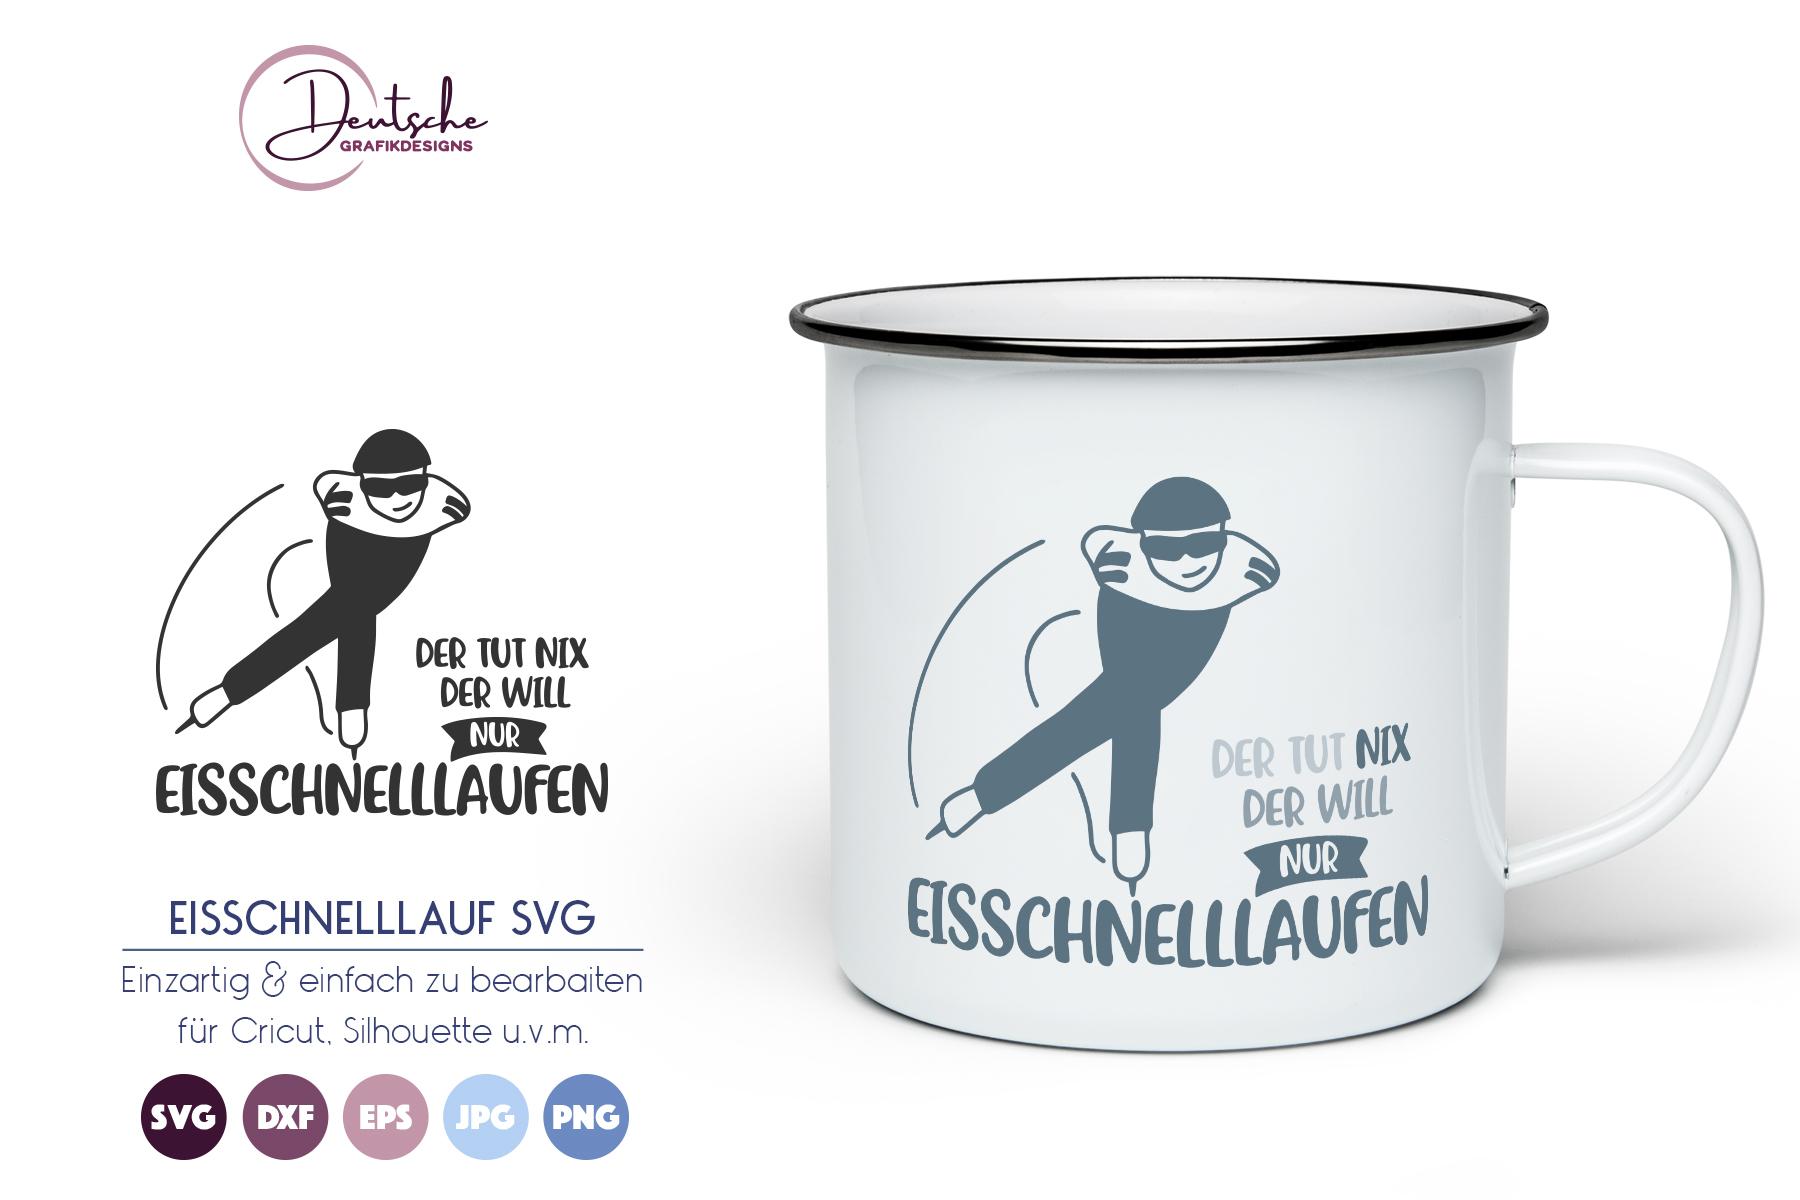 Eisschnelllauf SVG example image 1